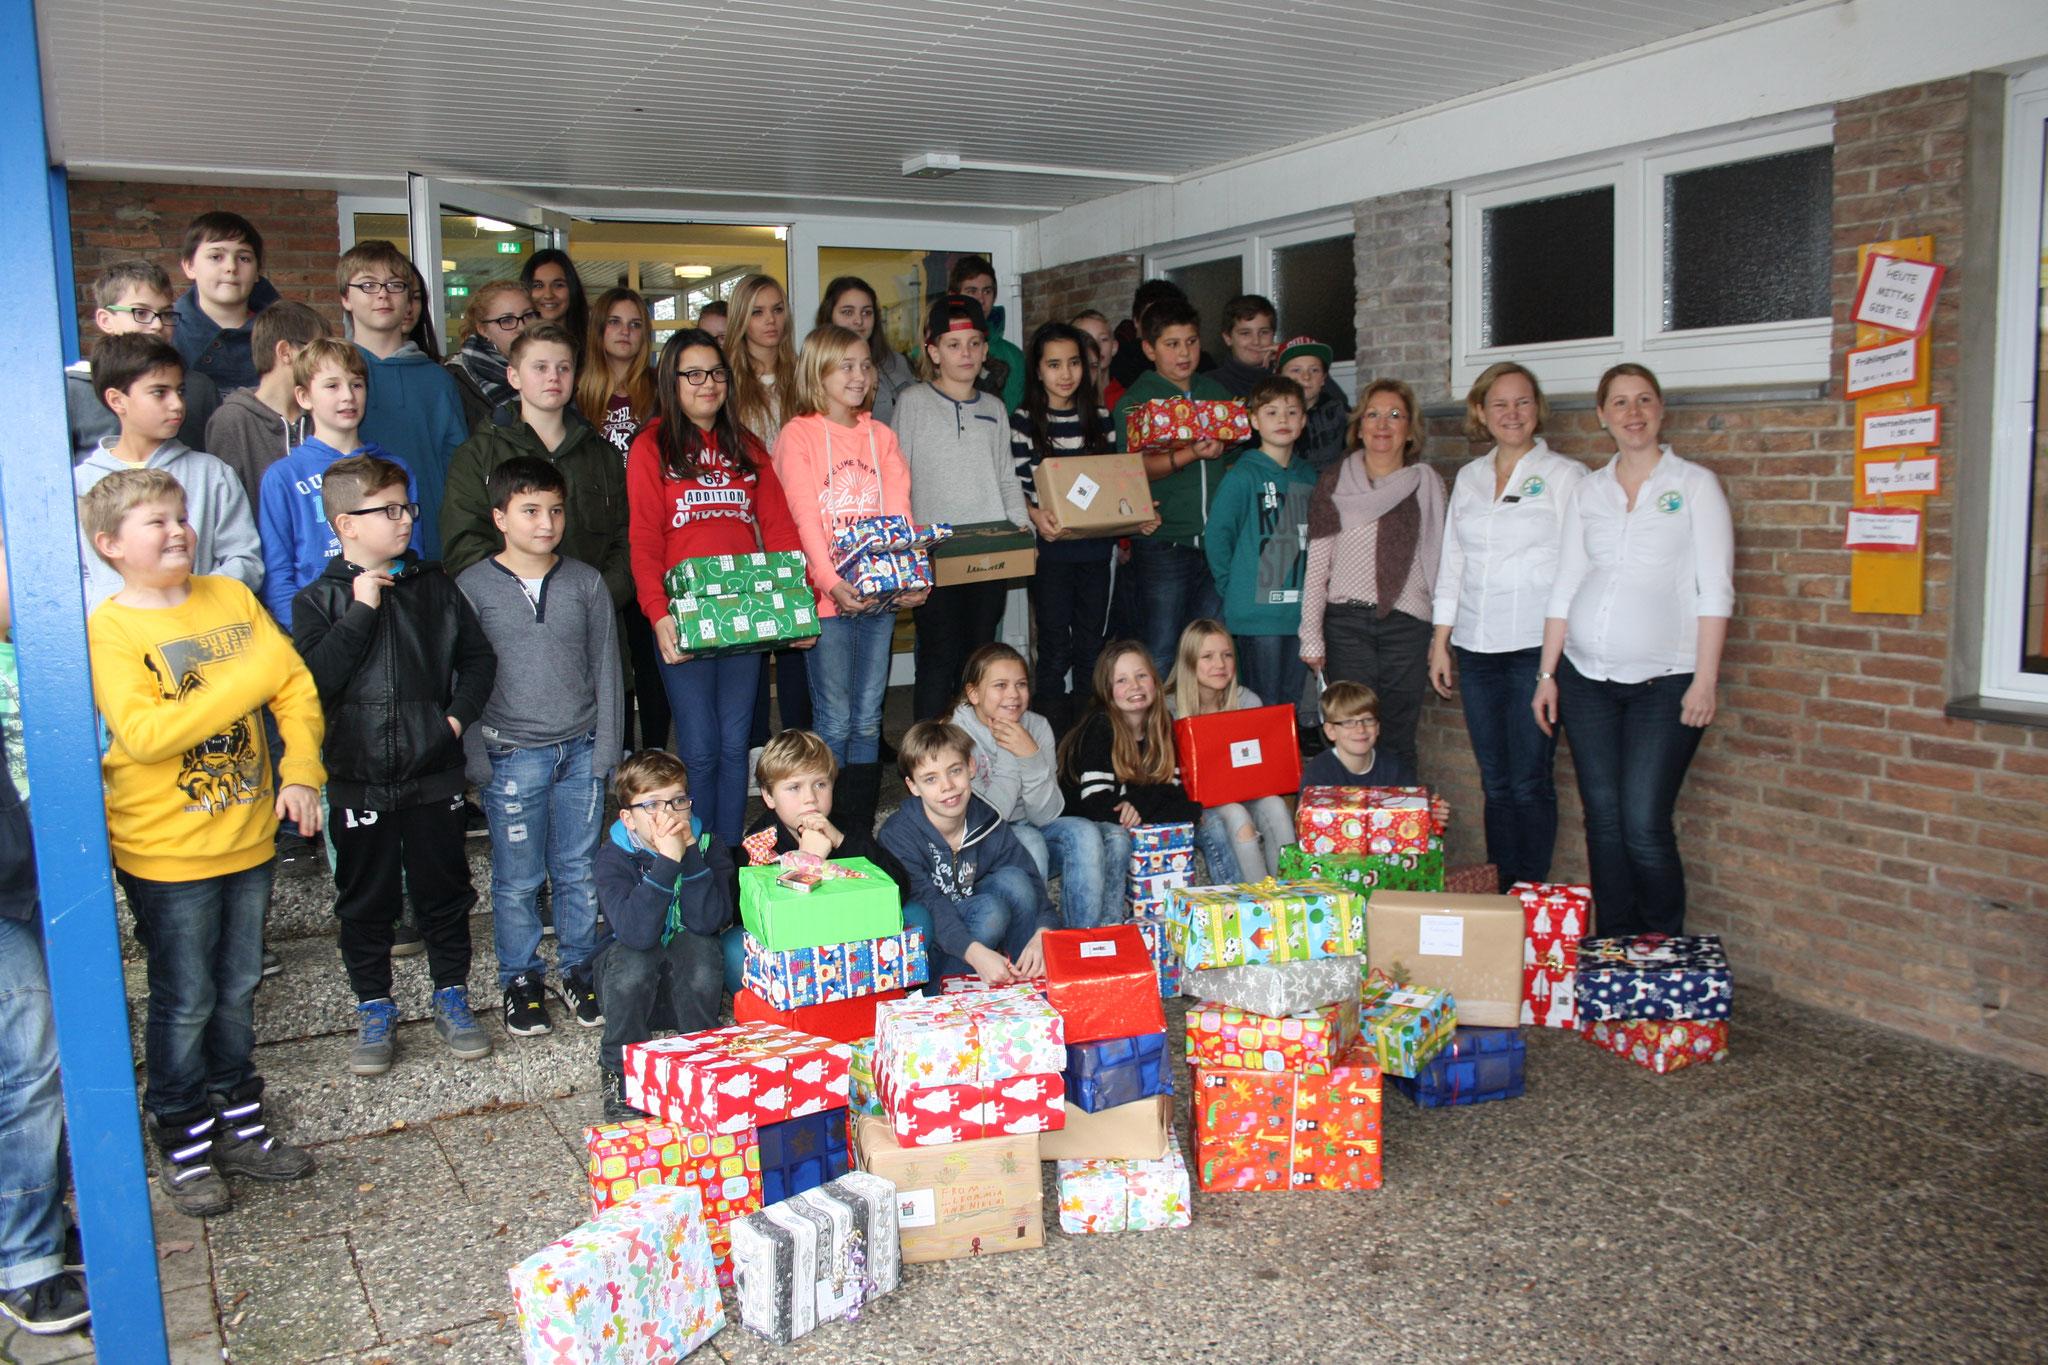 Die jährliche Weihnachtspäckchen-Aktion